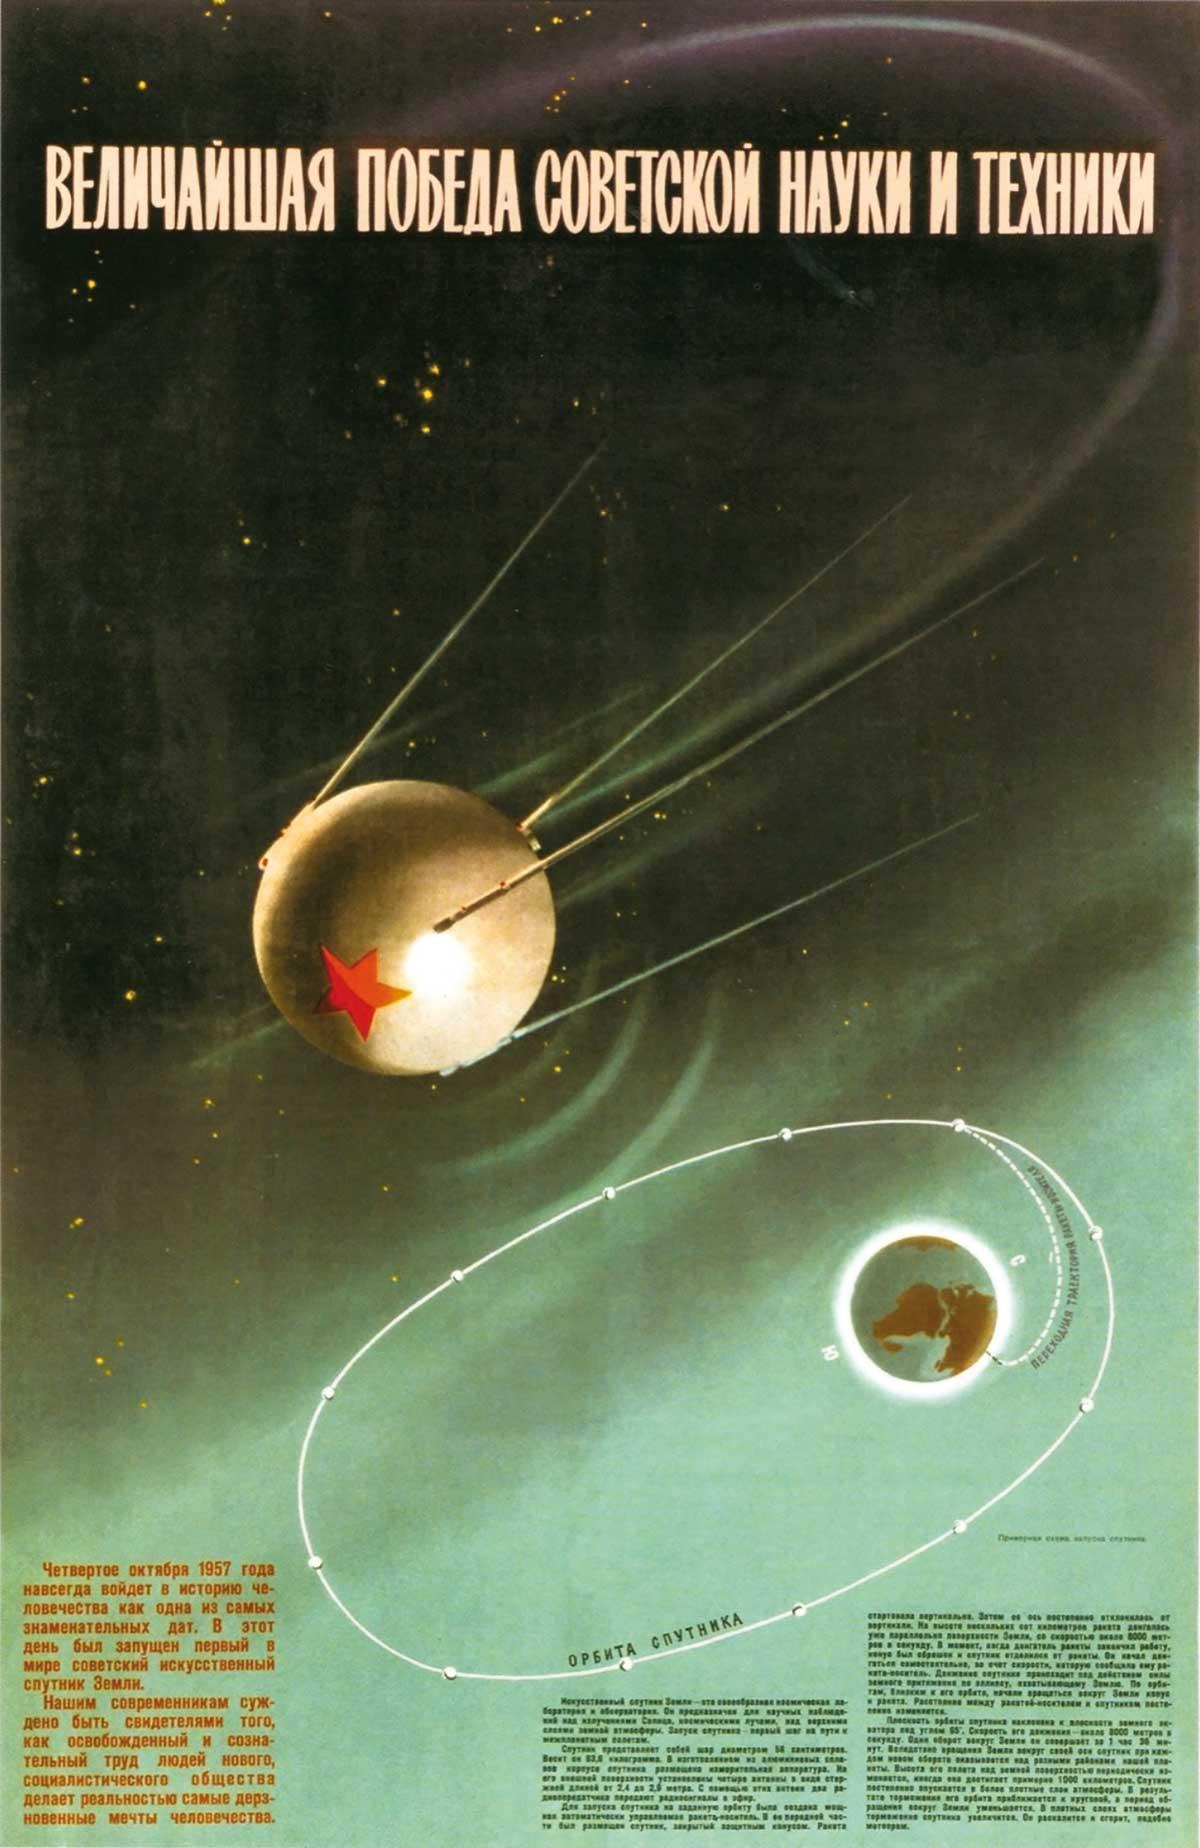 Der Sputnik fliegt durchs All